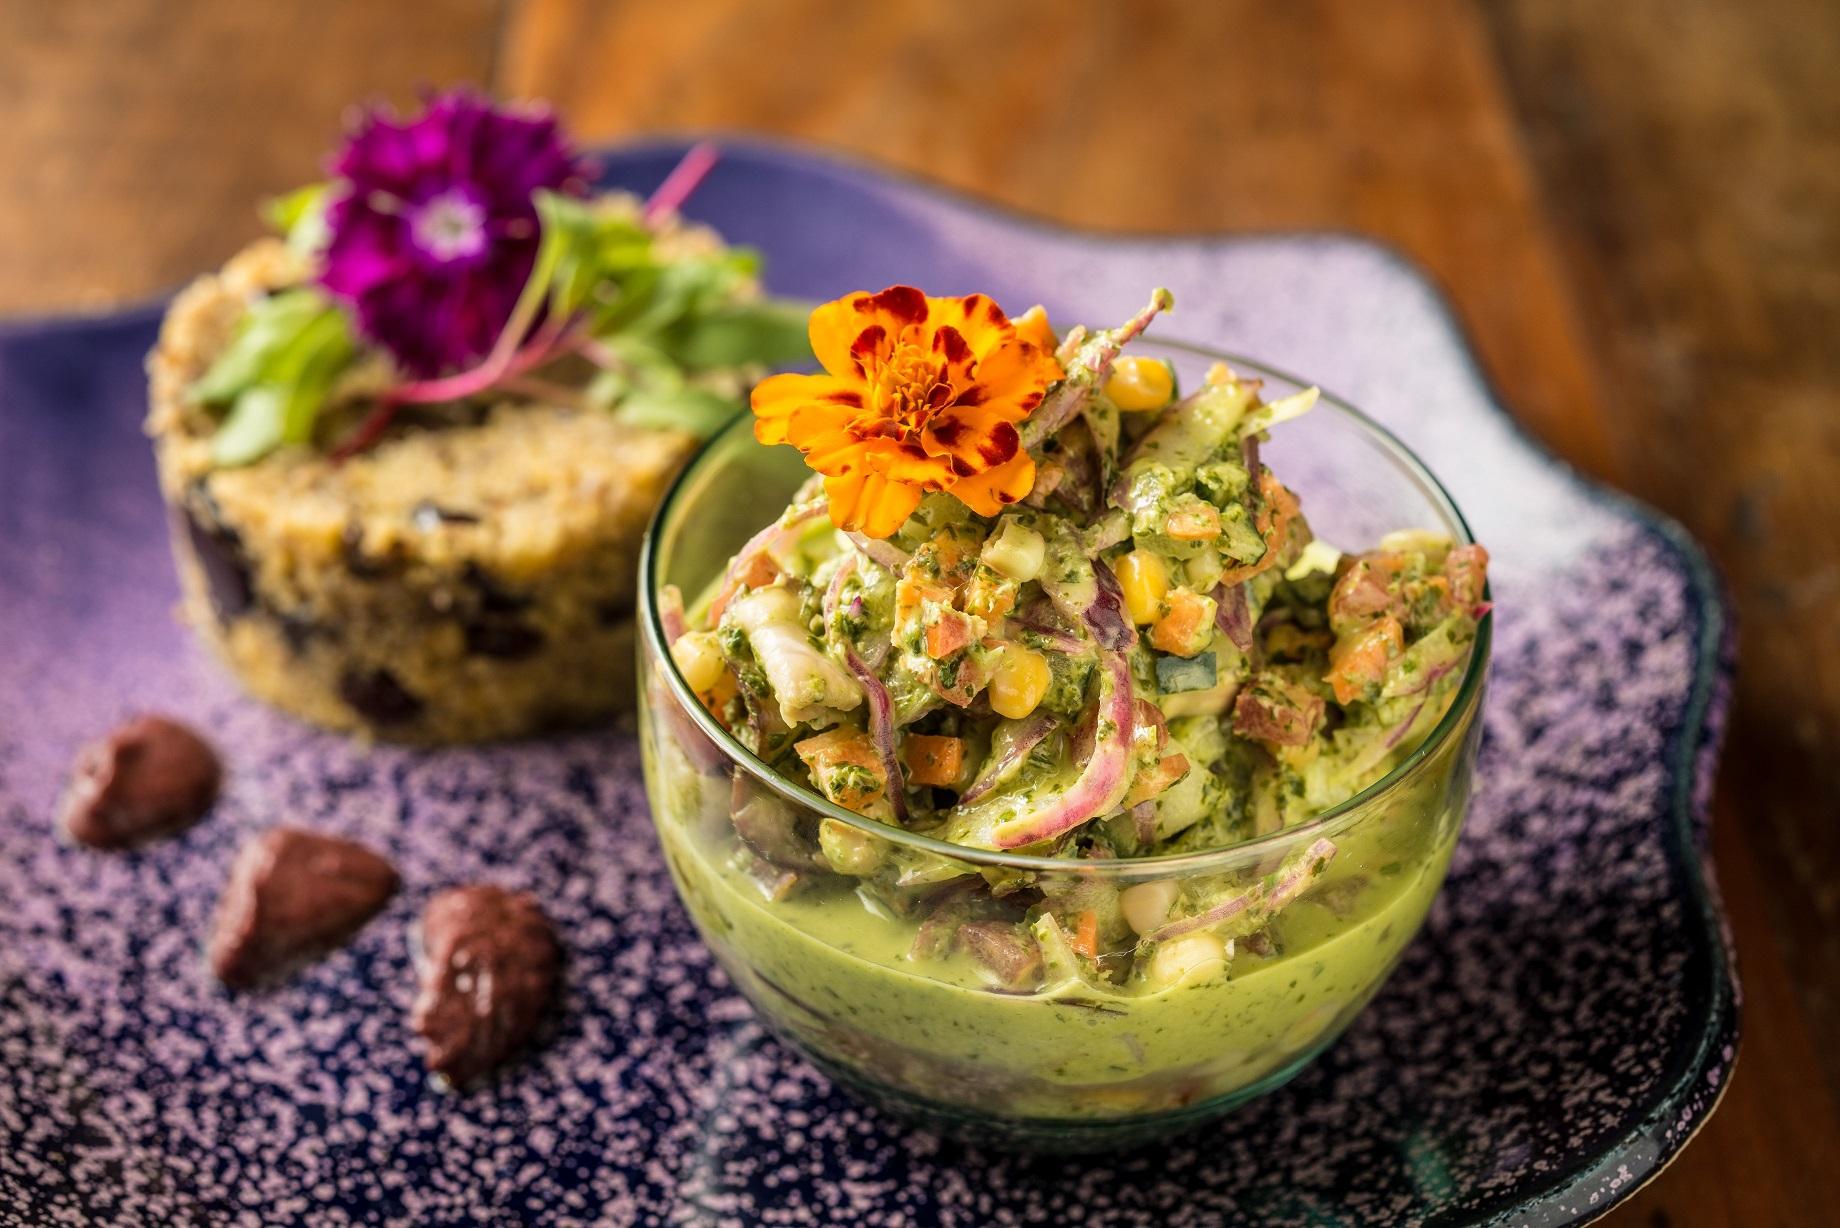 Ceviche de cogumelos: um dos pratos que a chef vaui ensinar